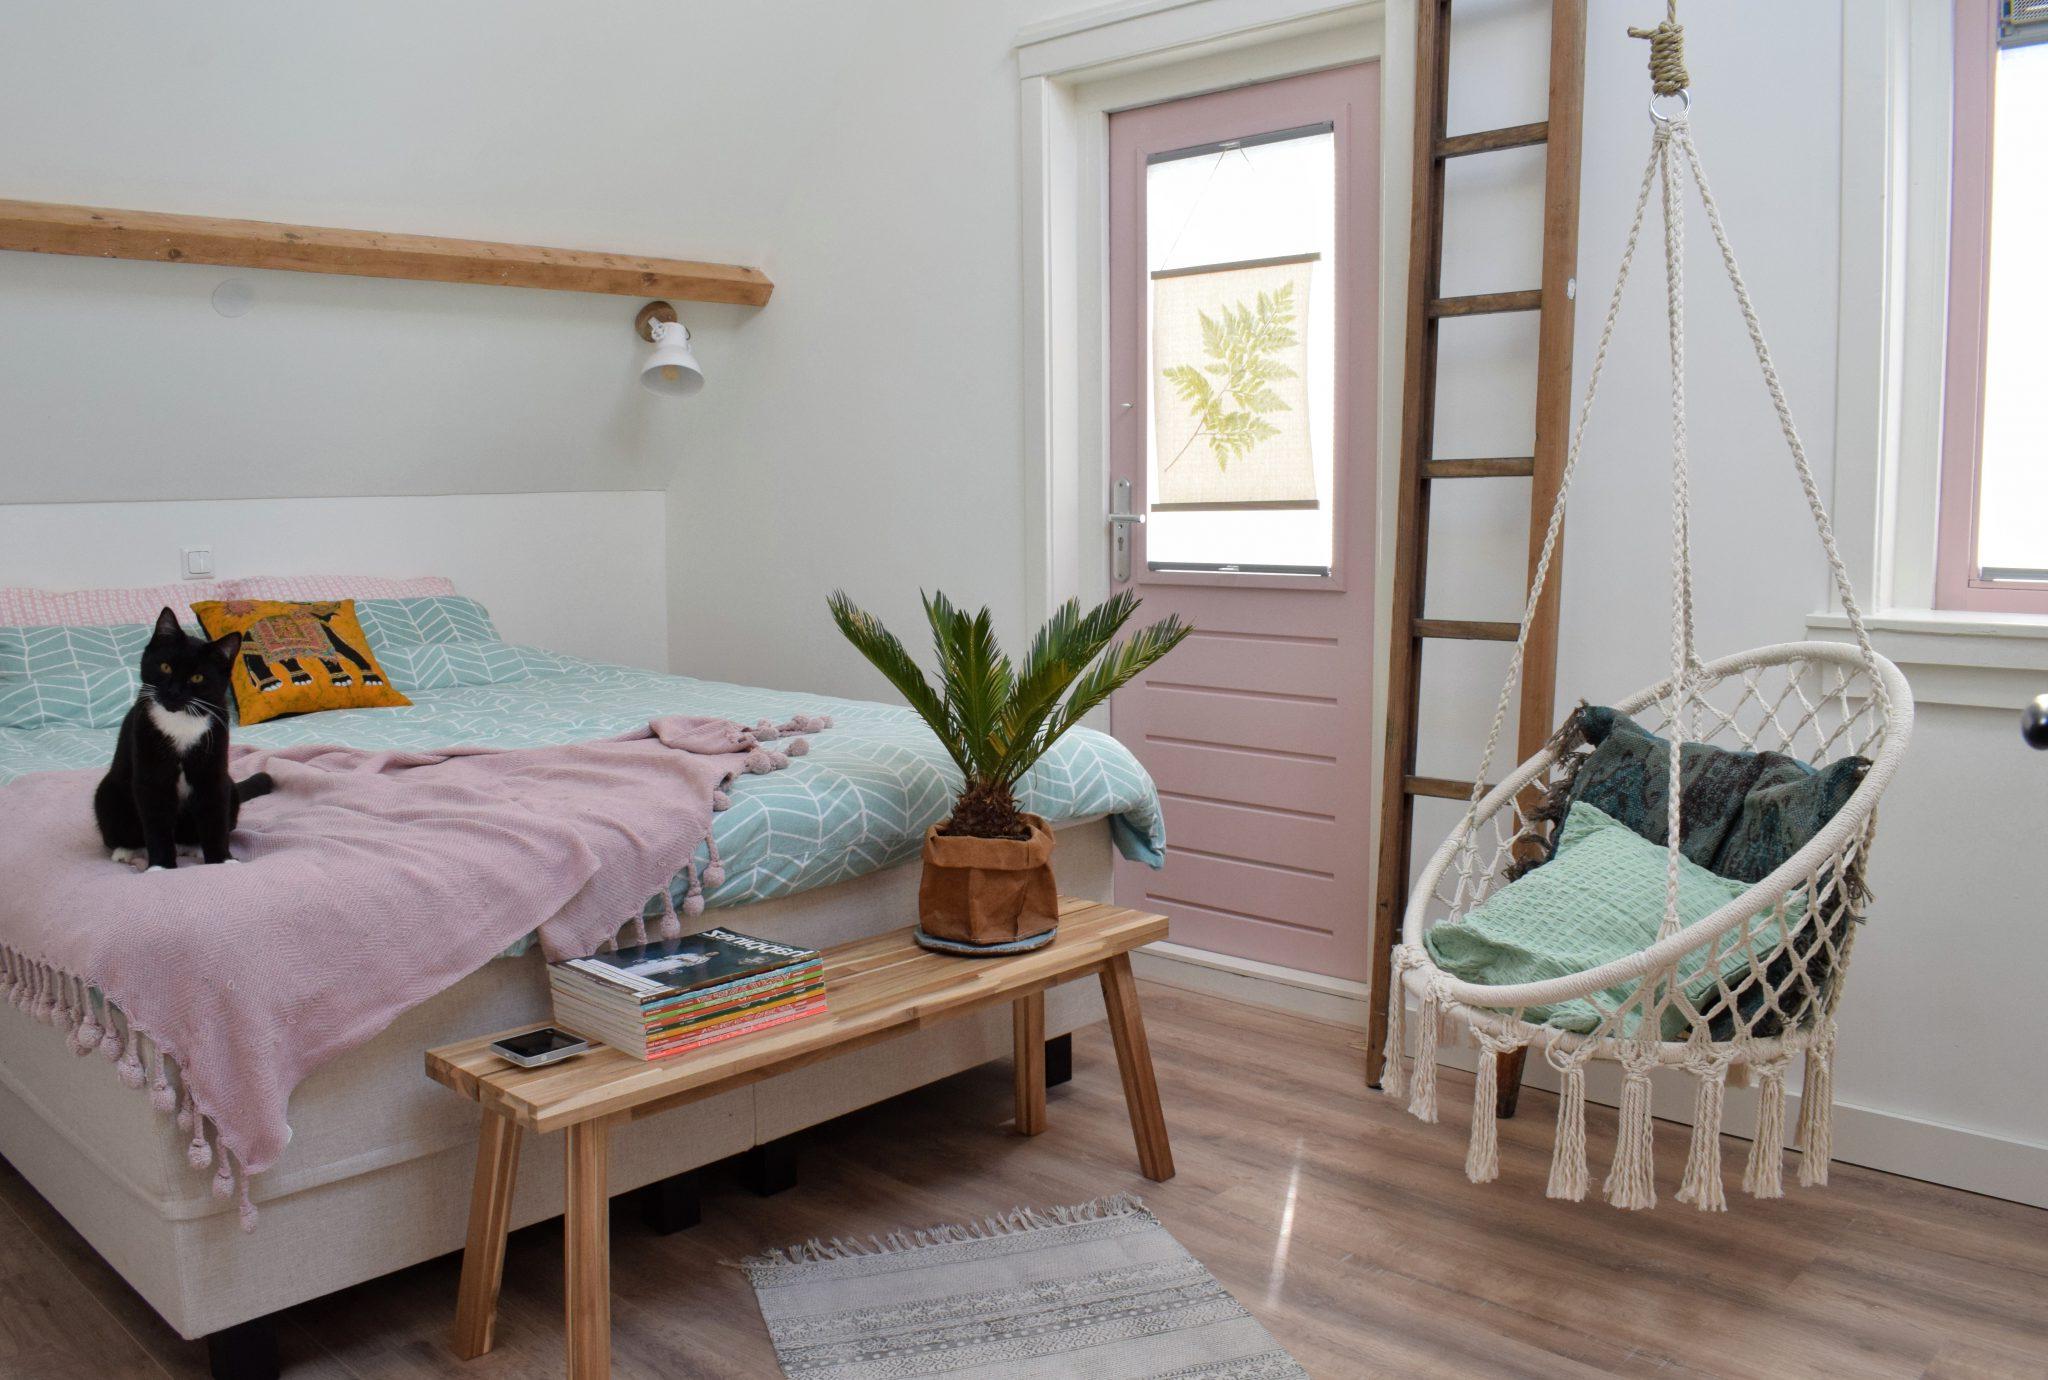 Le textile de maison printanière aux couleurs vives est une excellente astuce pour faire entrer le printemps dans votre maison